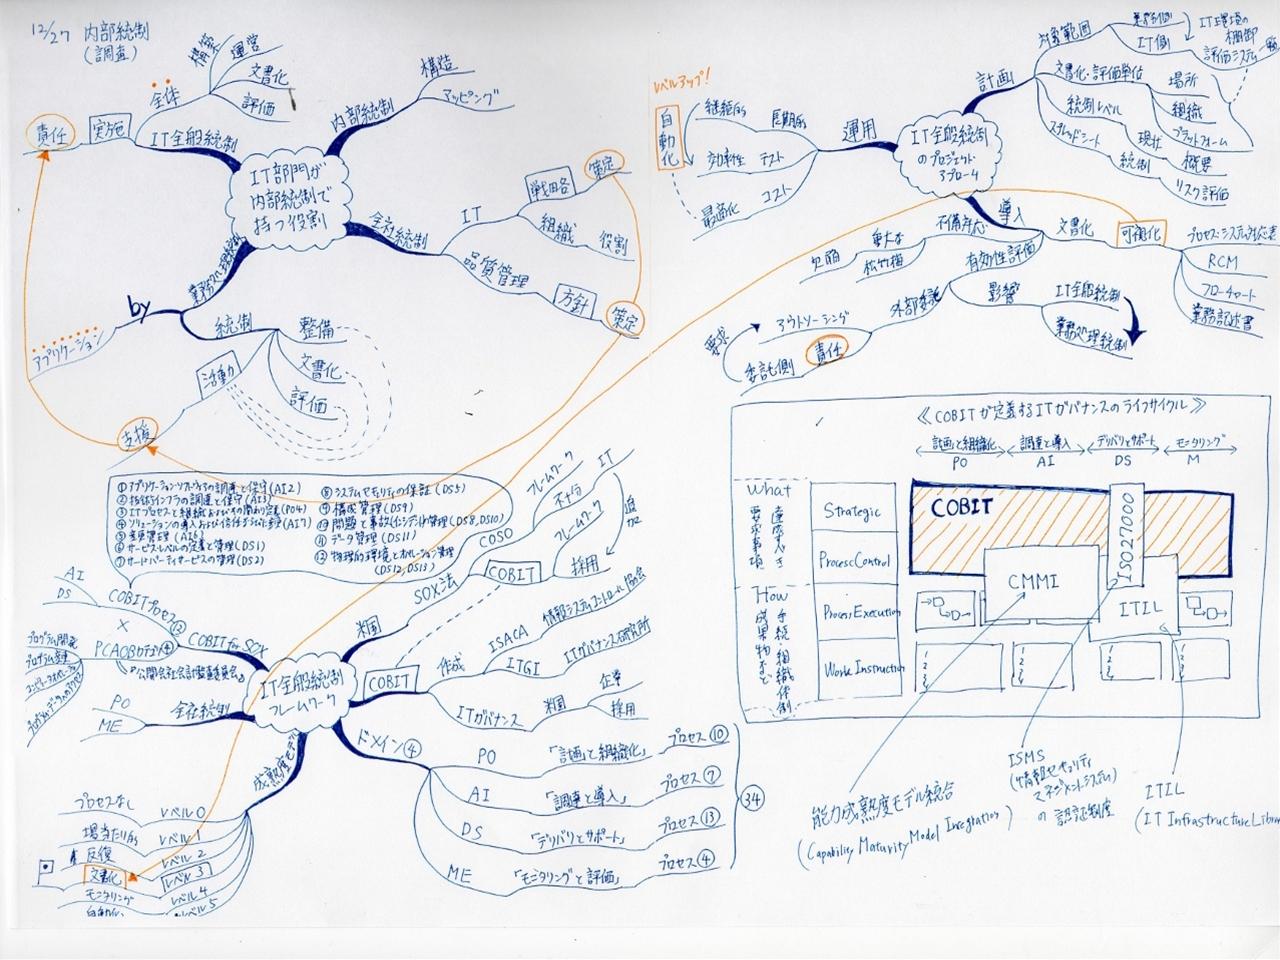 IT全般統制の調査のマインドマップ